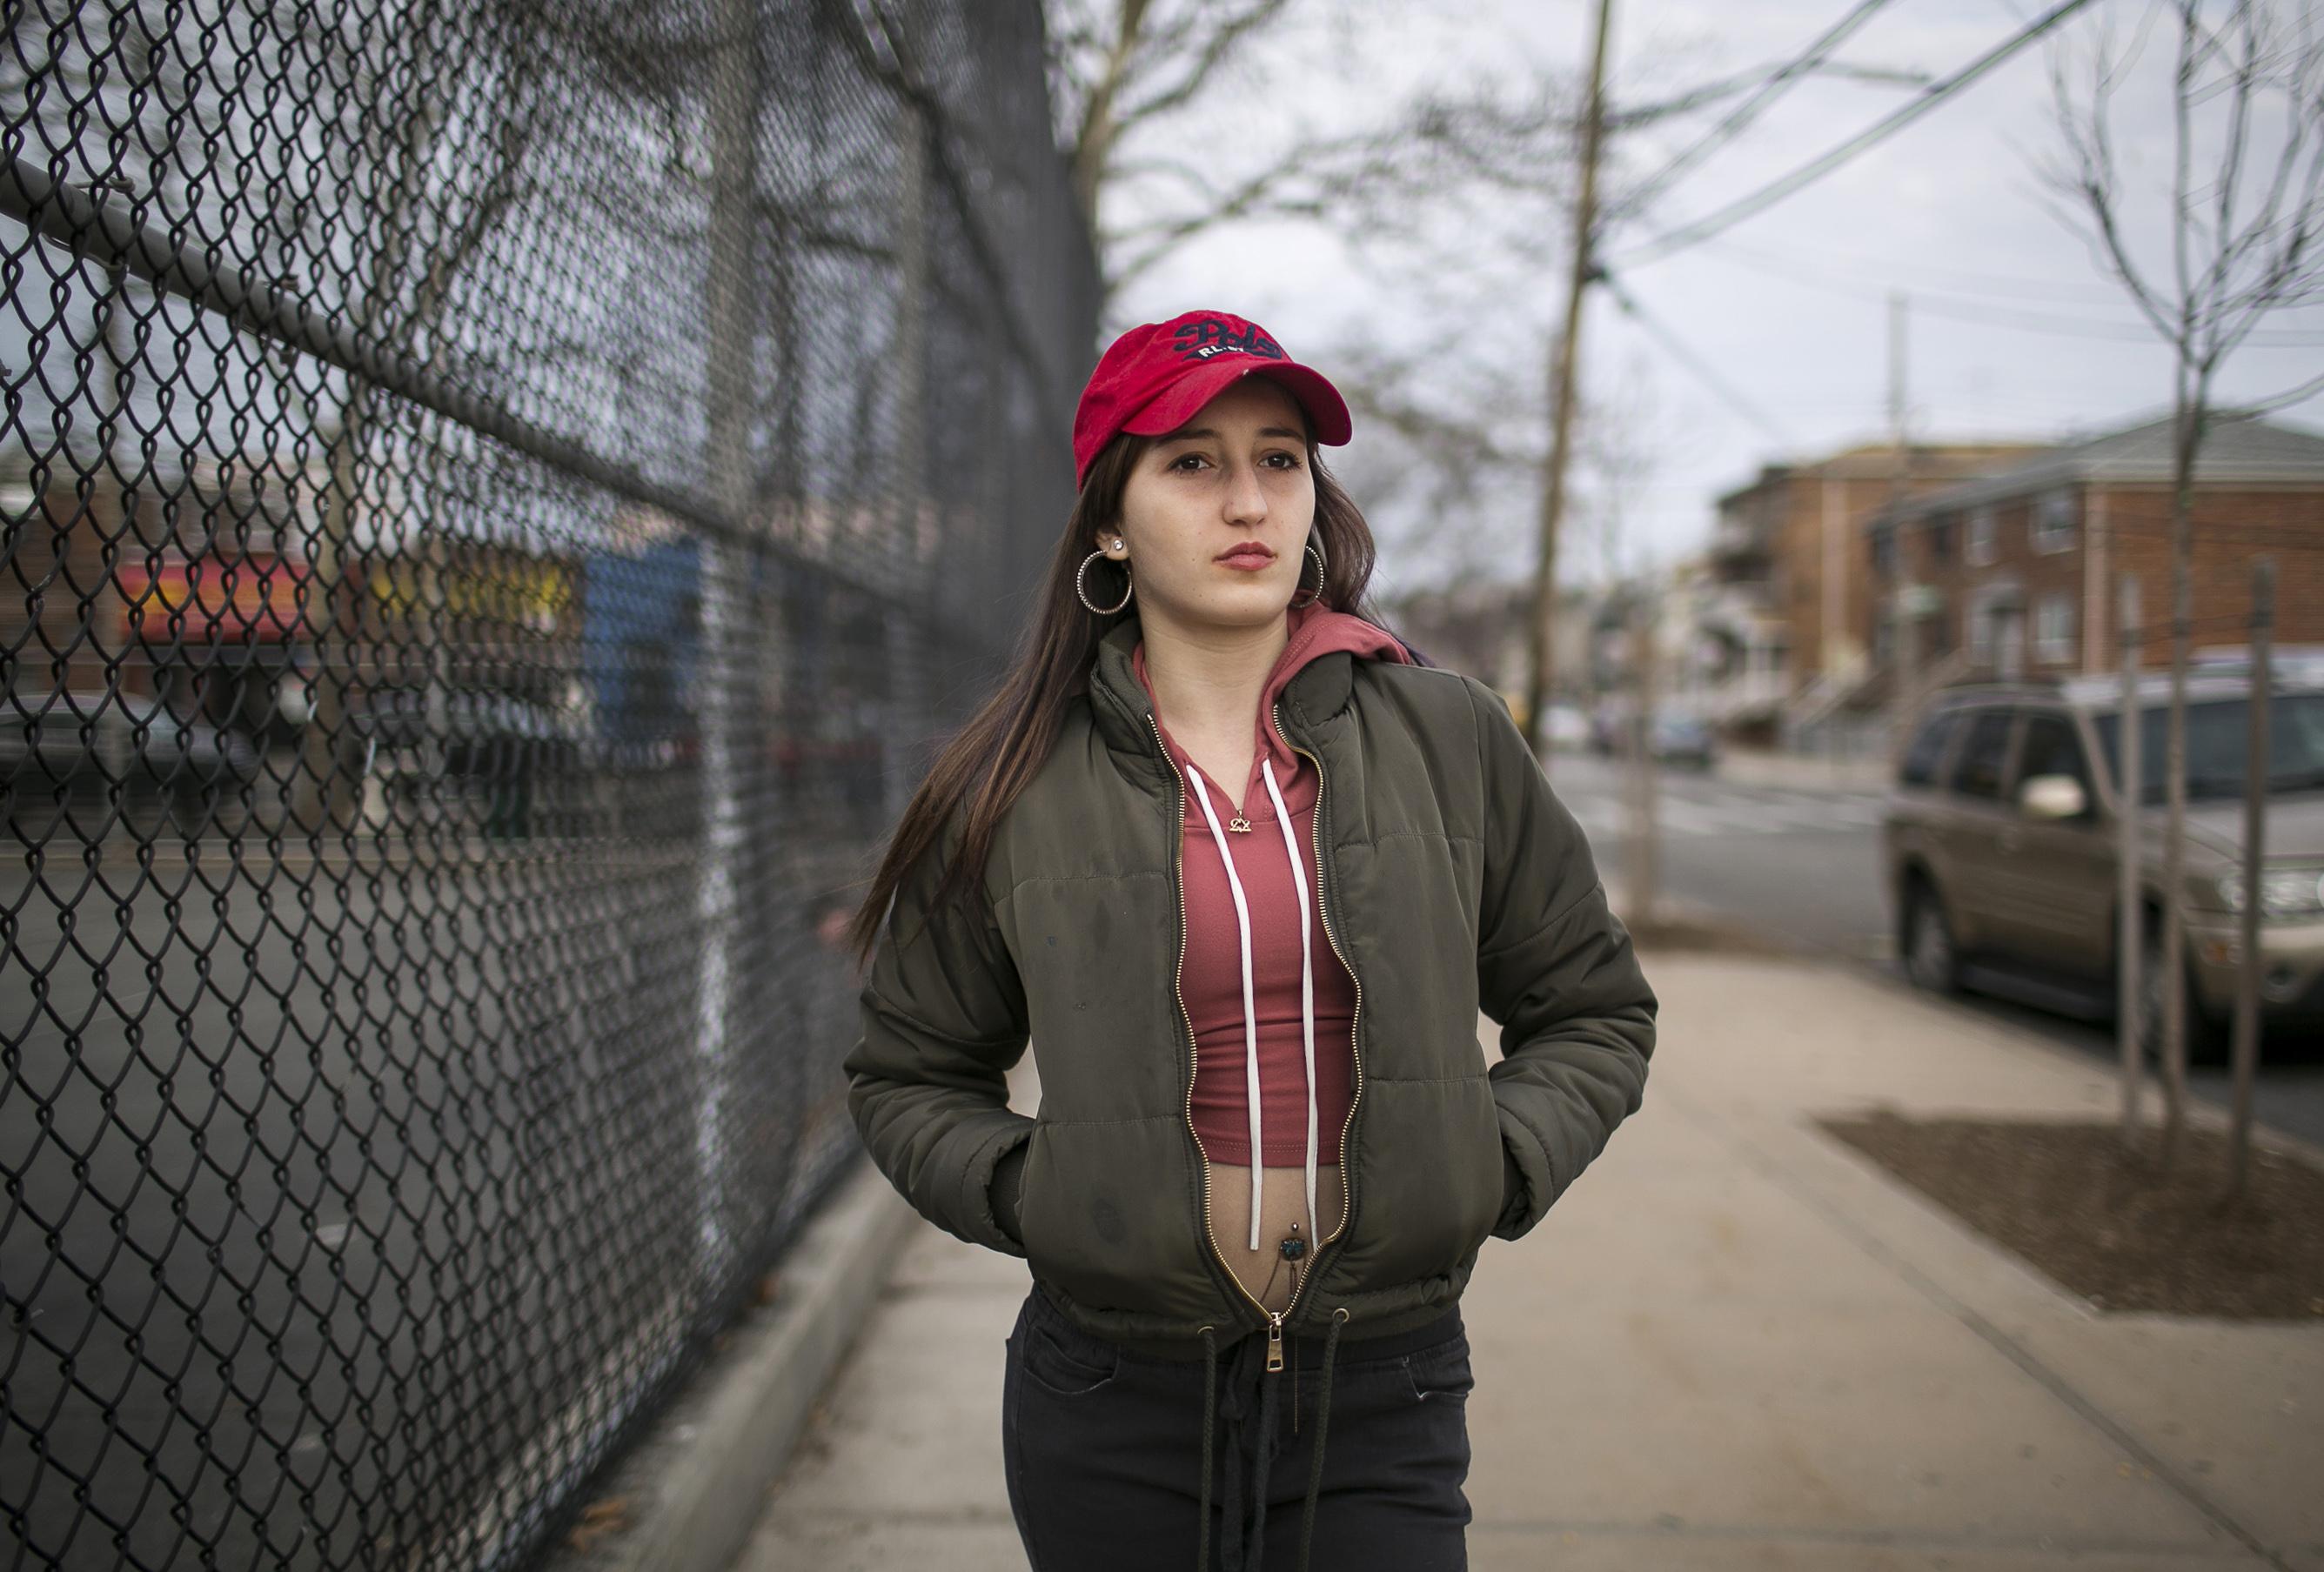 Nowy Jork teen sex